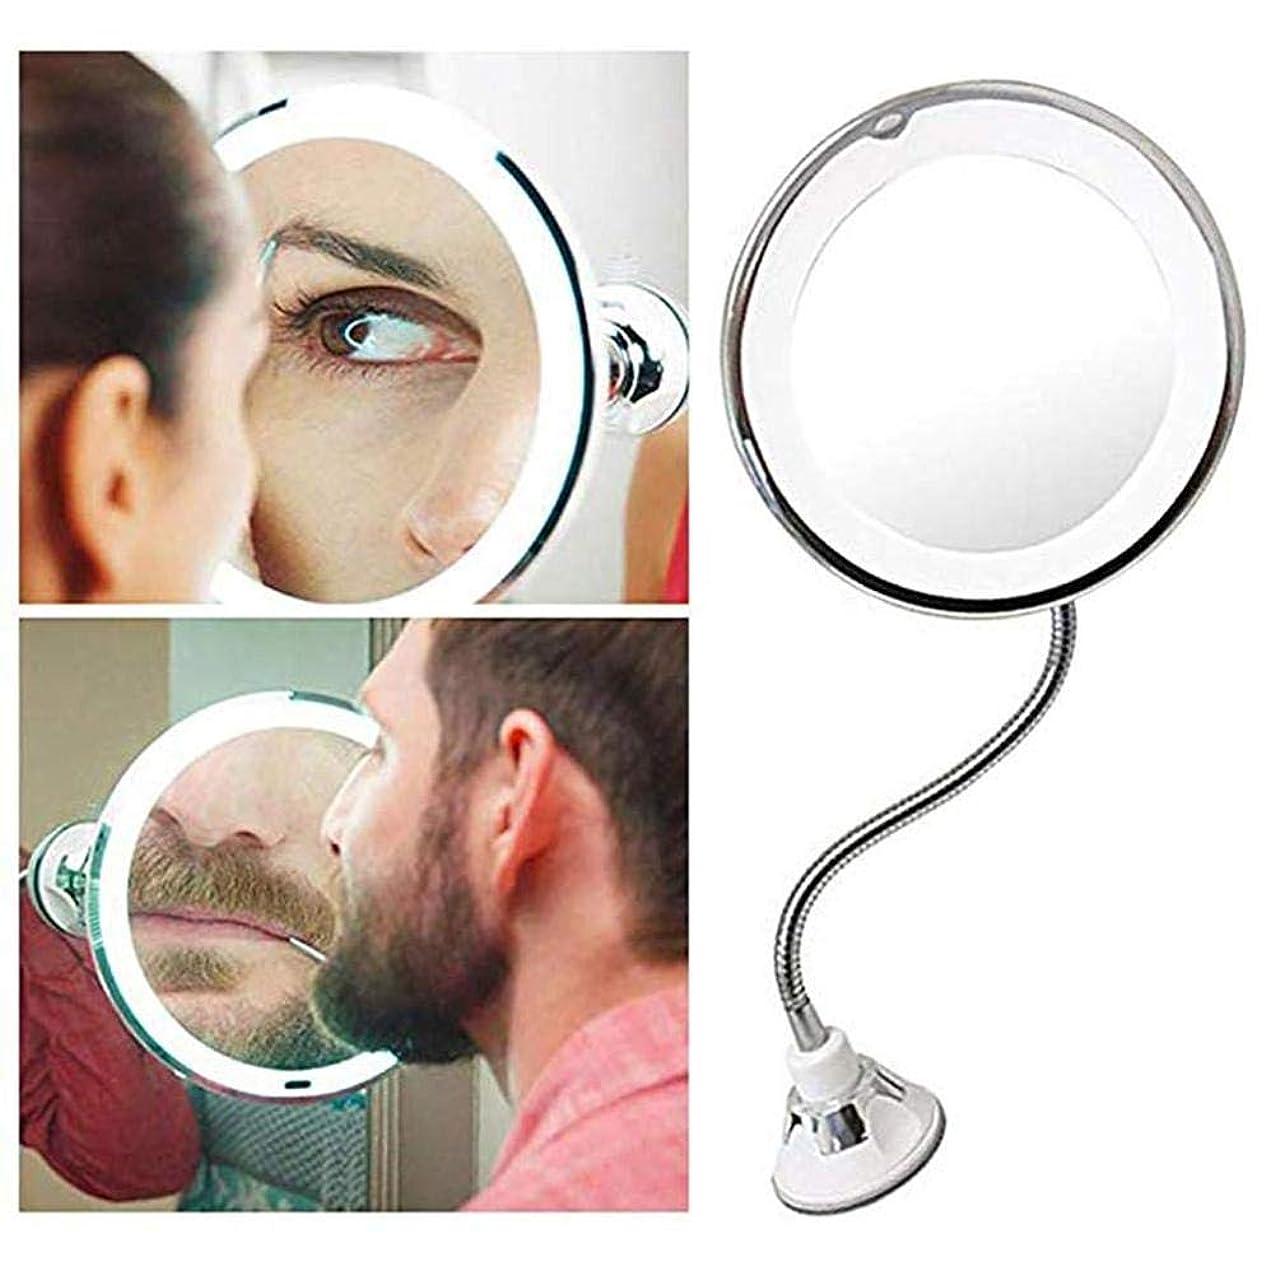 テロささいな機関LED化粧鏡 風呂鏡 吸盤ロック付き 浴室鏡 化粧ミラー 360度回転 メイクミラー 化粧鏡 壁付け LEDライト付き 壁付けミラー 10倍拡大 メイク道具 風呂鏡 折りたたみホテルミラー 洗面所に取り付け 化粧ミラー